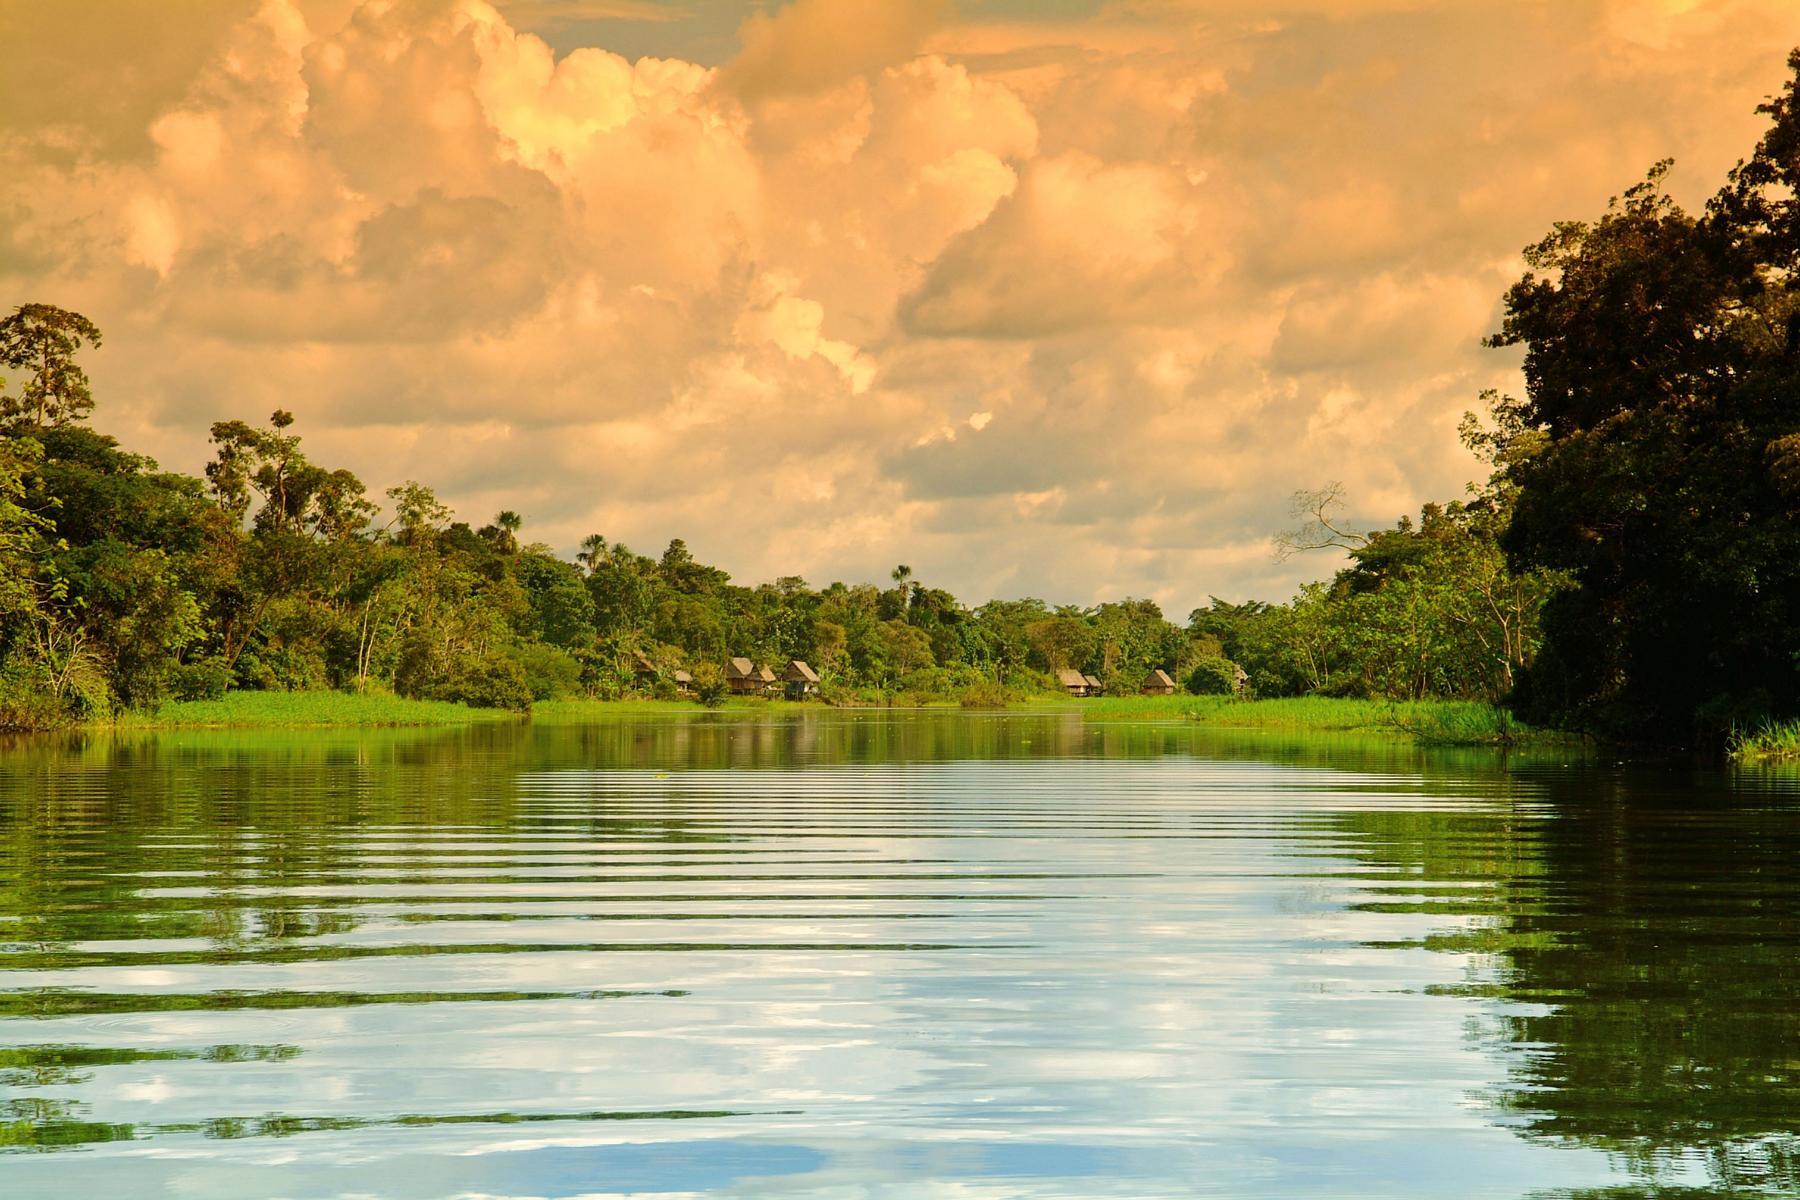 Der Amazonas im Sonnenuntergang bei einer Kreuzfahrt auf der Aria Amazon